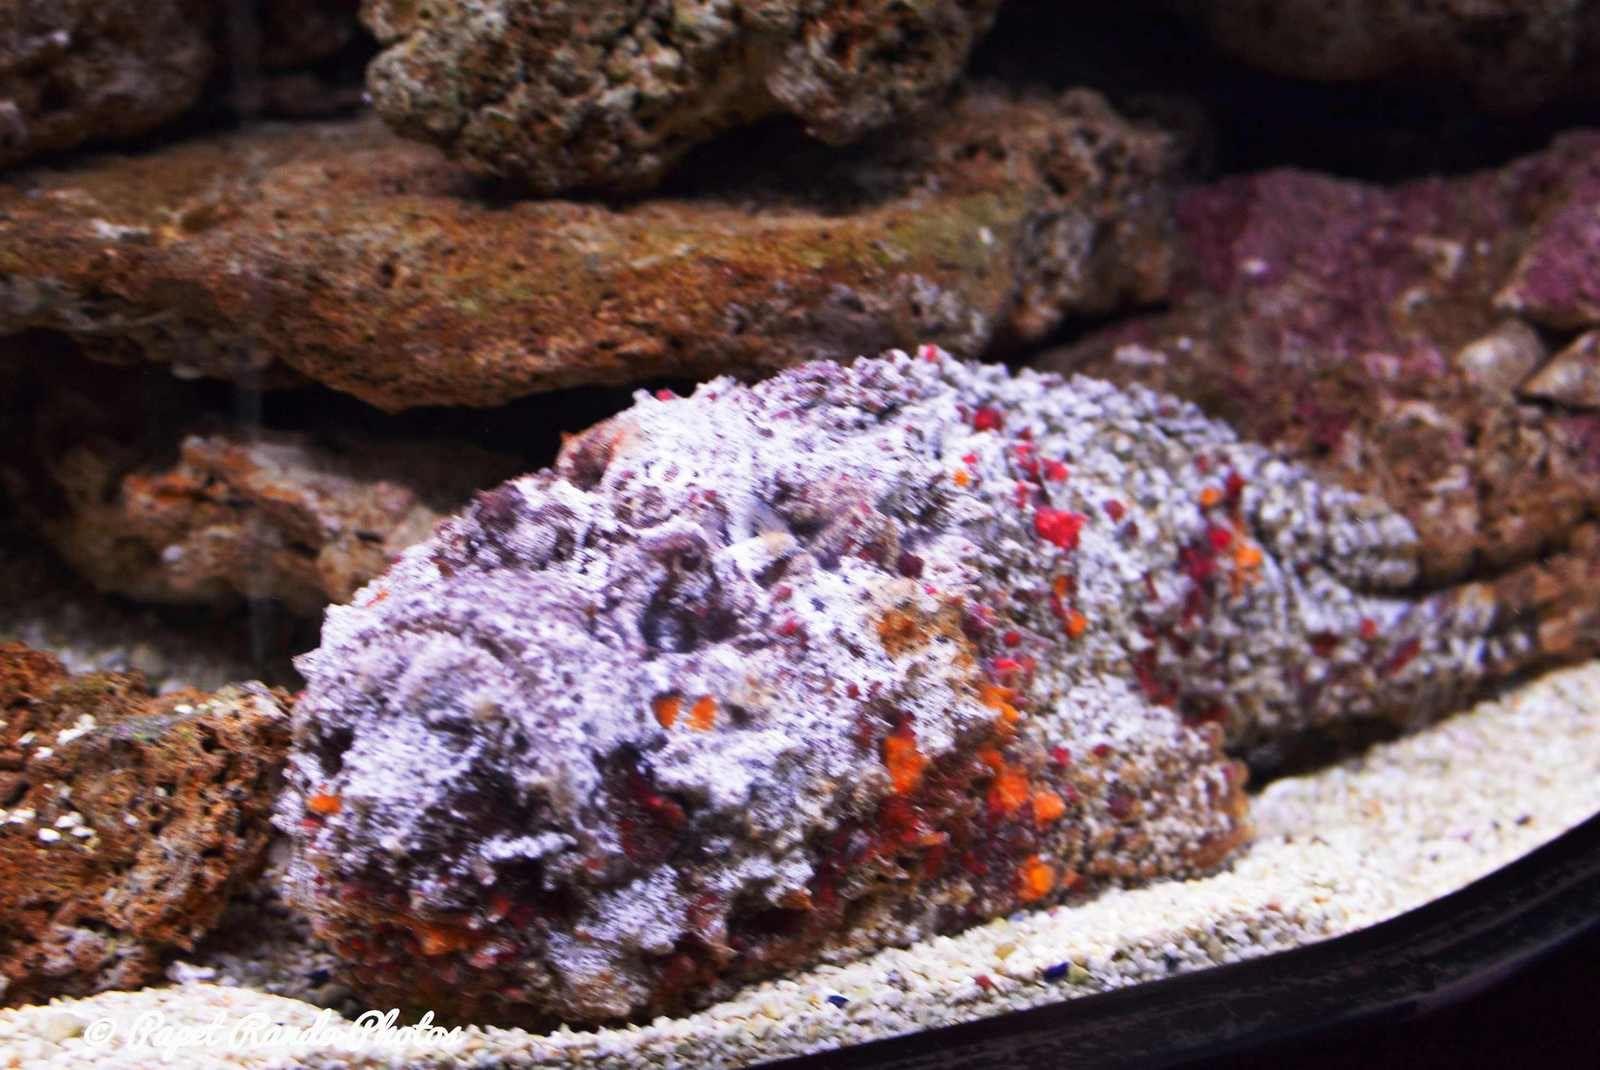 Aquarium Géant sur deux étages ambiance Nautilus    garantie  un vrai régal pour les yeux